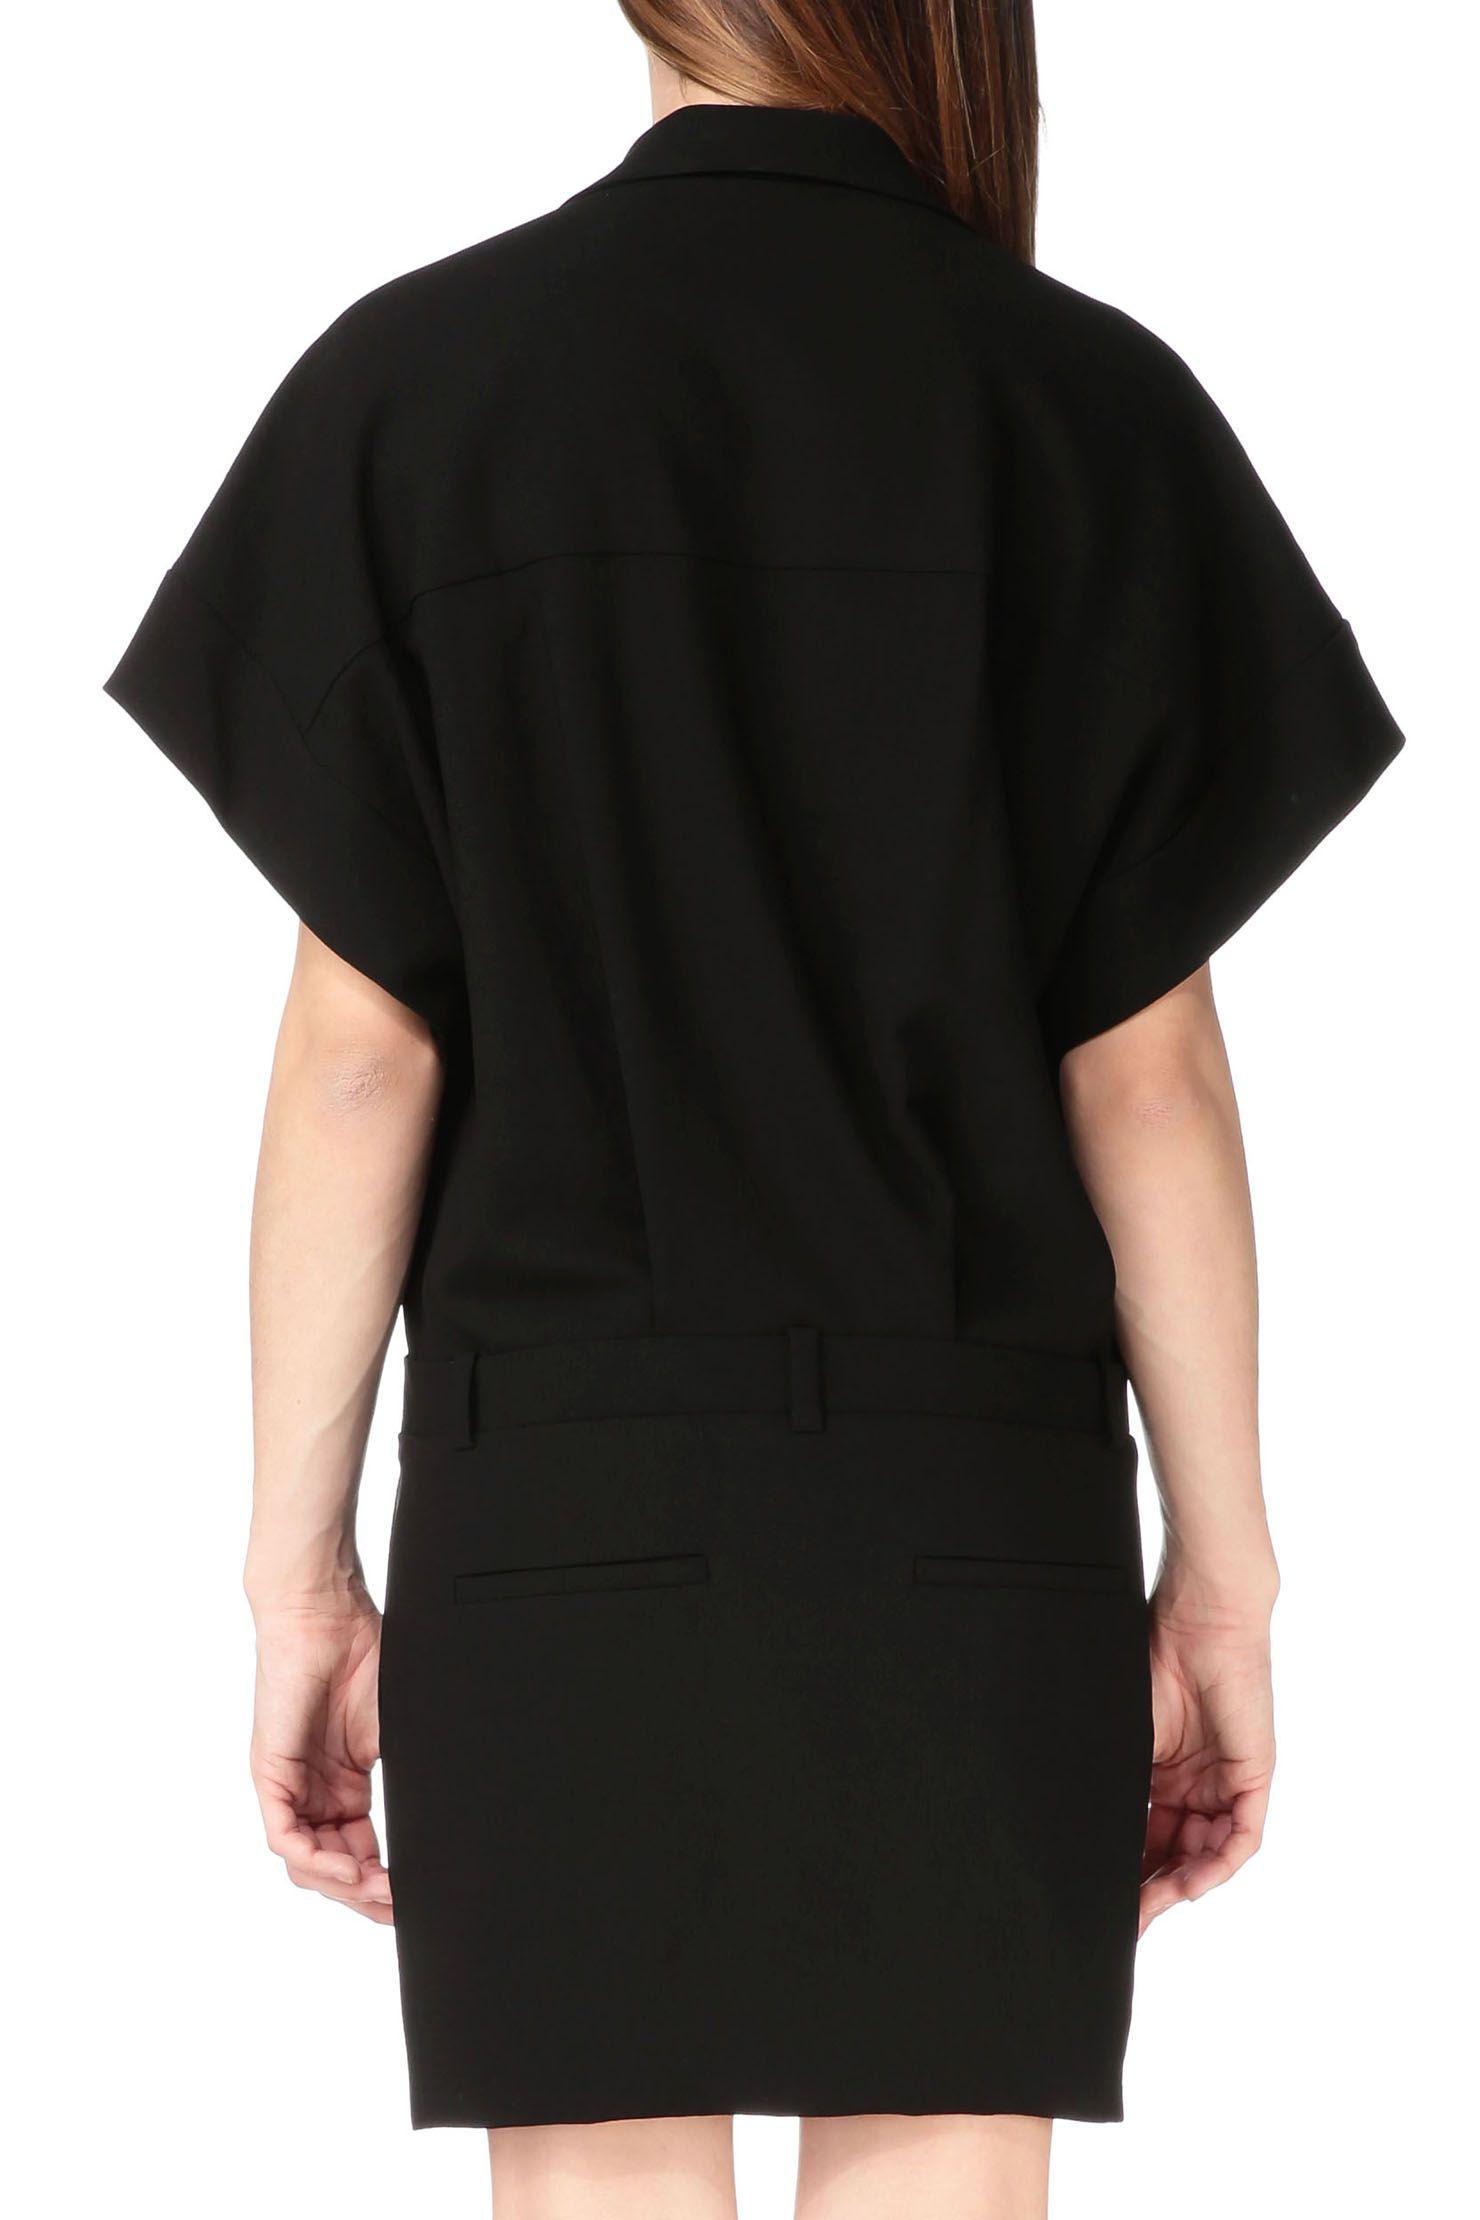 ff695dd4ec9 Robe boutonnée Héléa Noir Iro sur MonShowroom.com